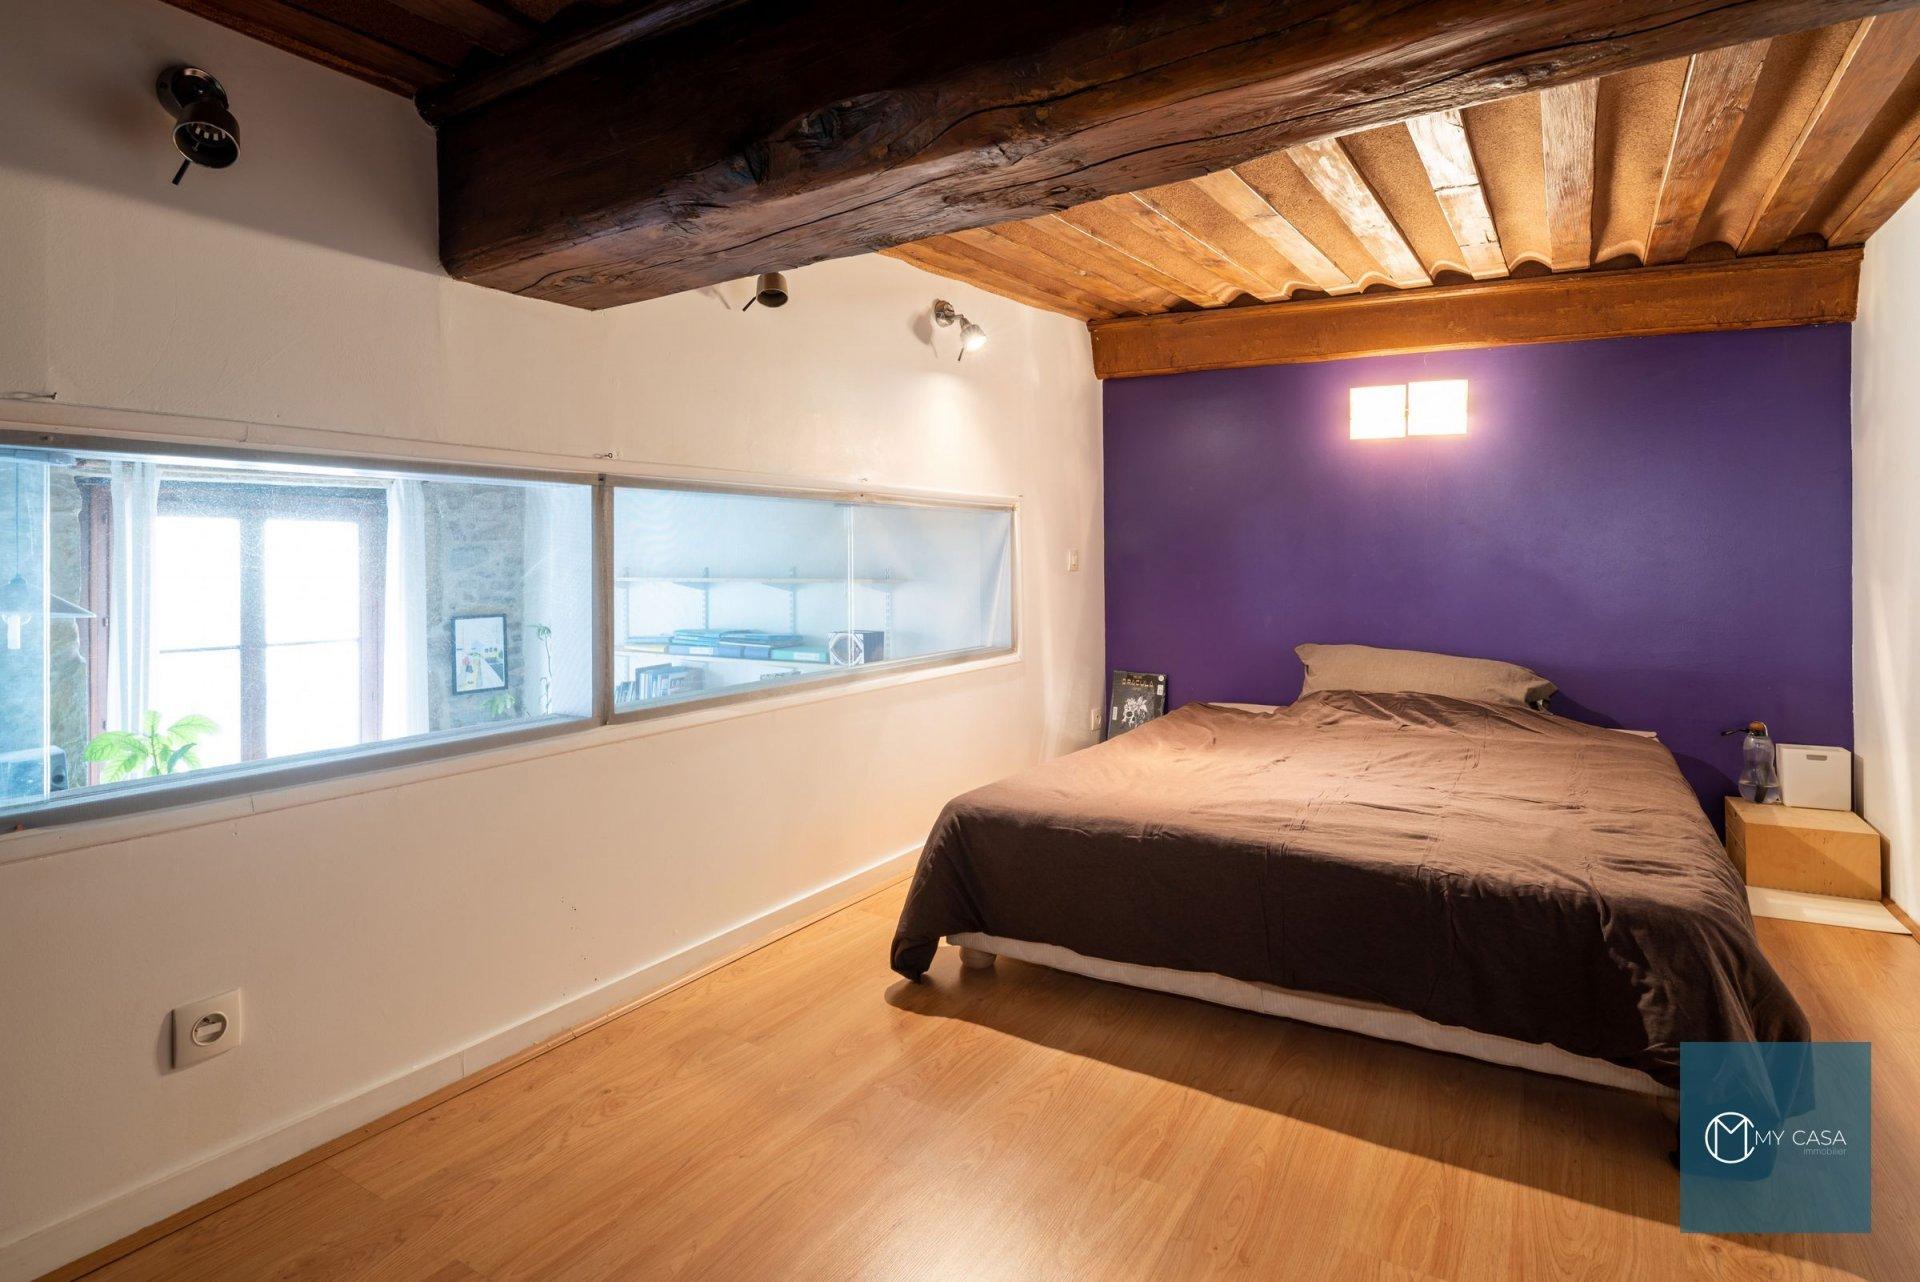 CROIX-PAQUET - Charmant T2 - Canut de 57 m2